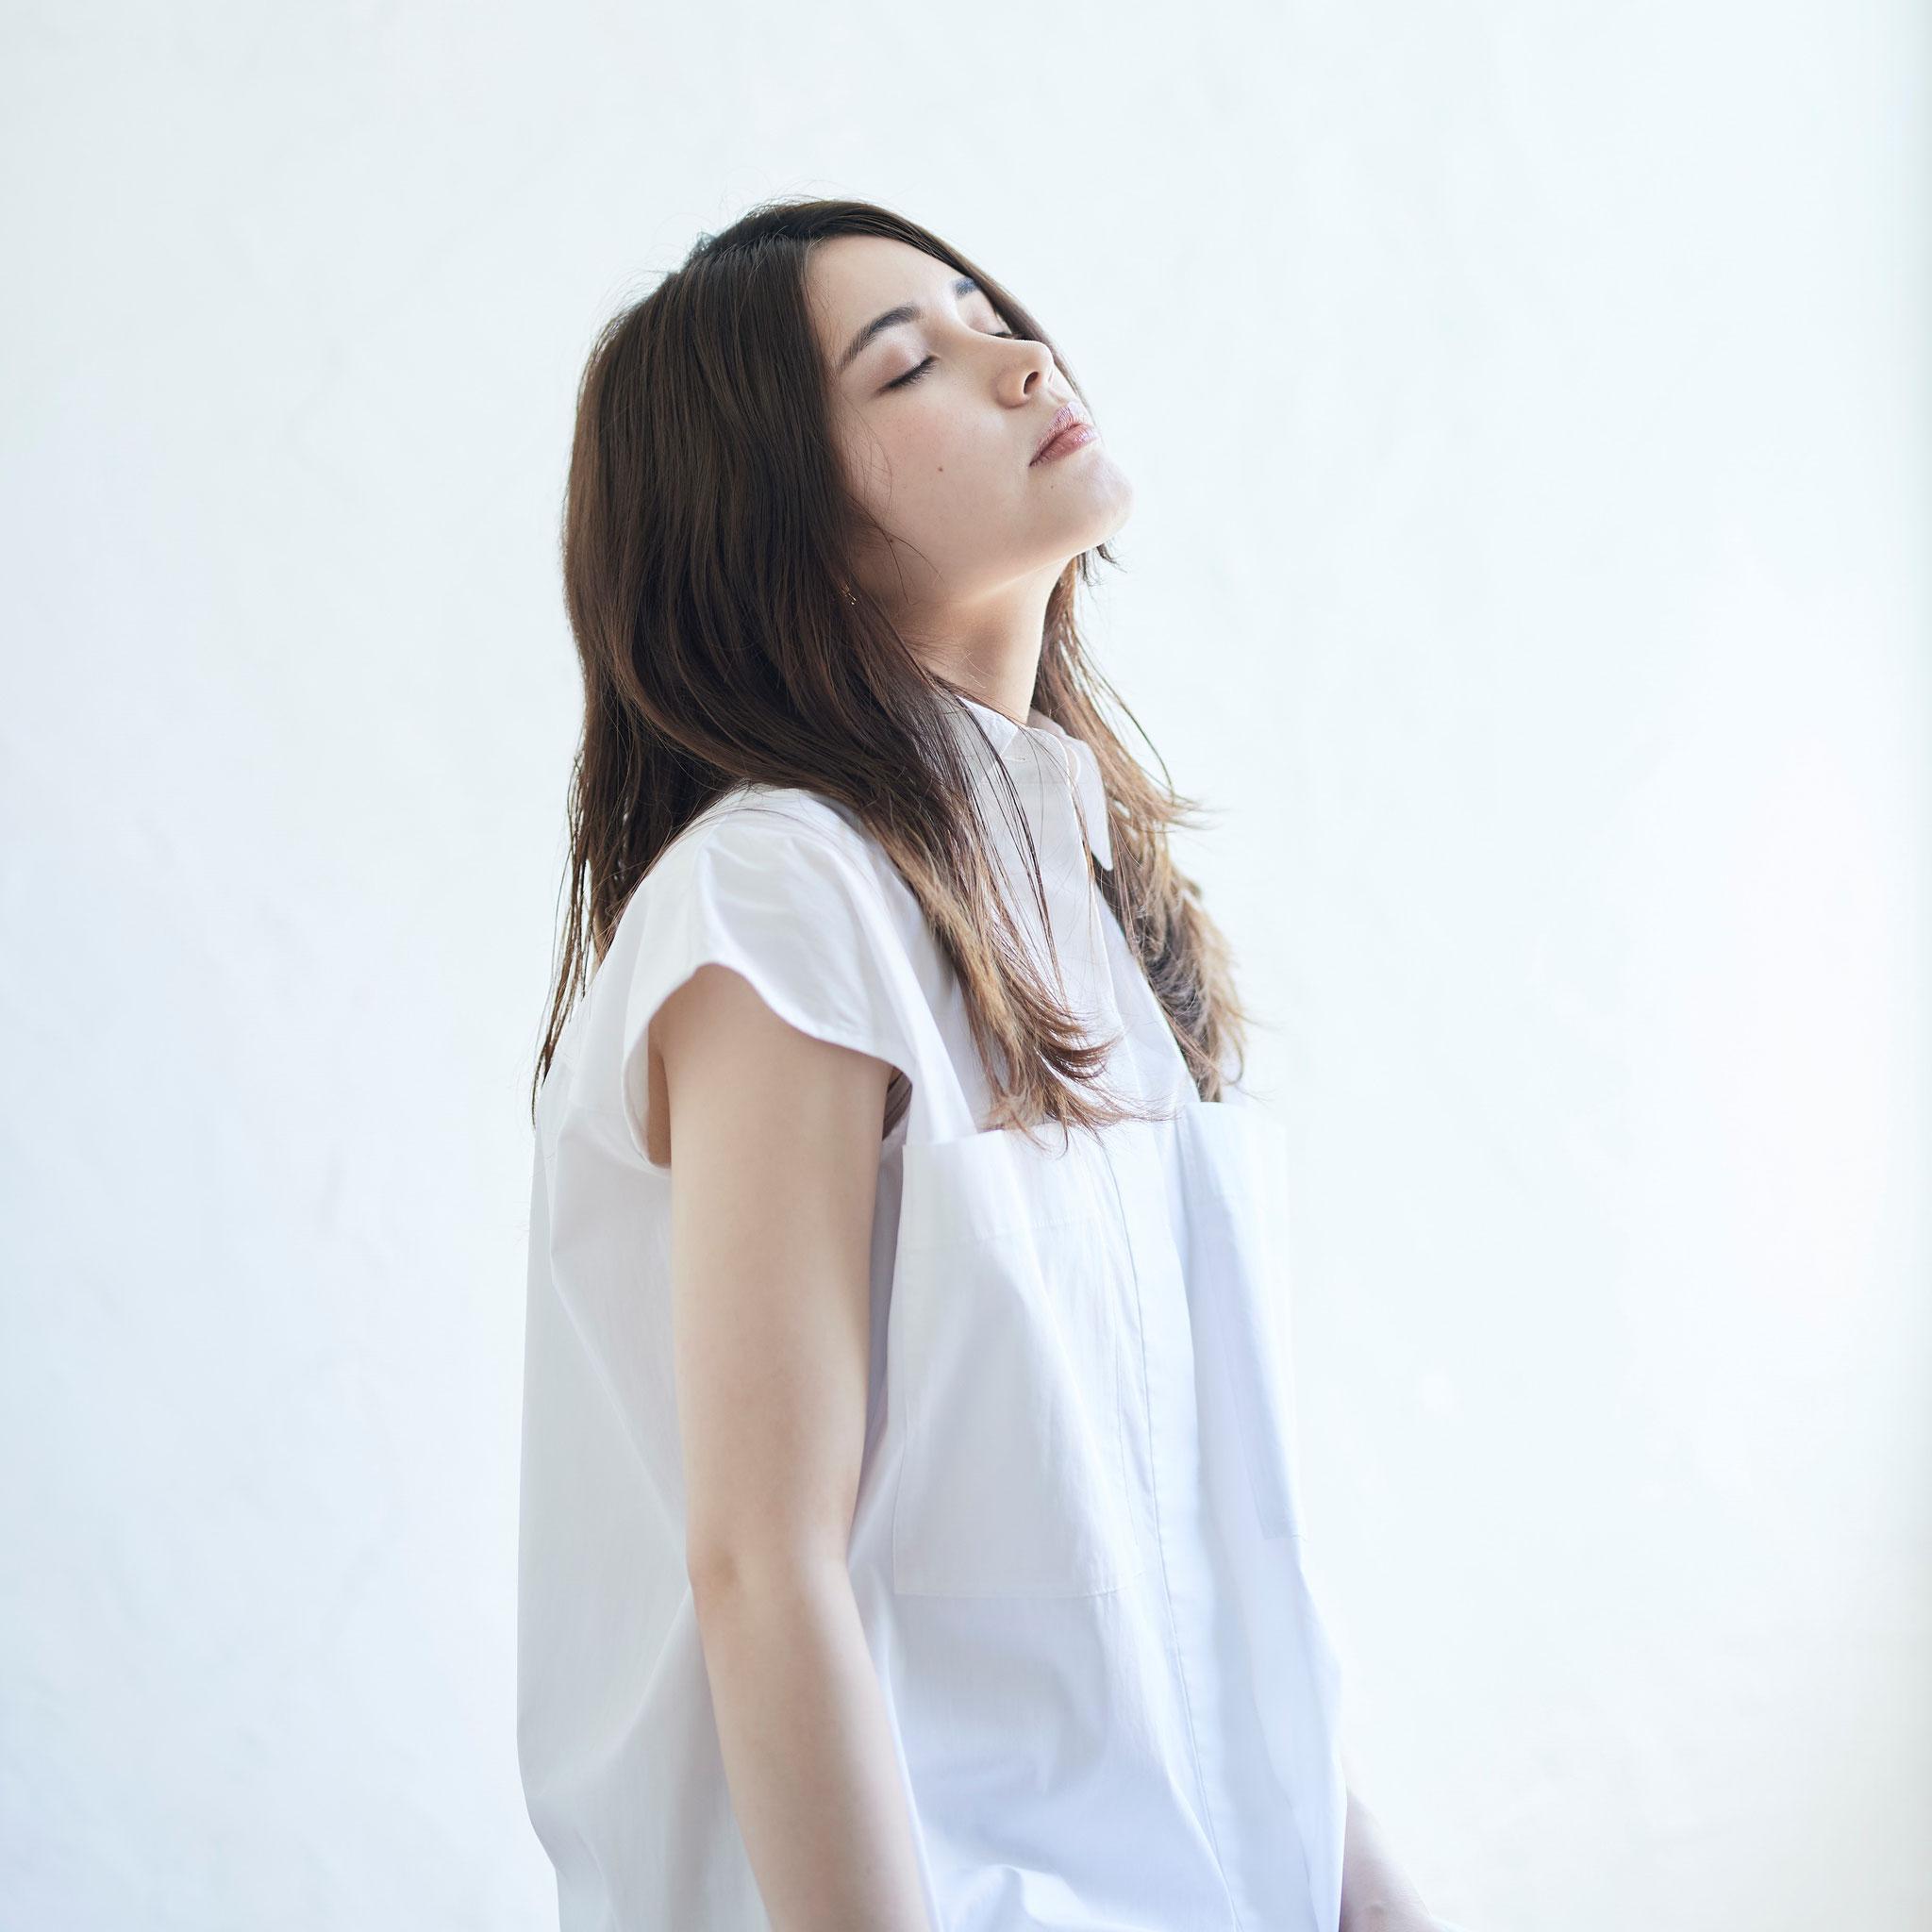 斎藤アリーナ